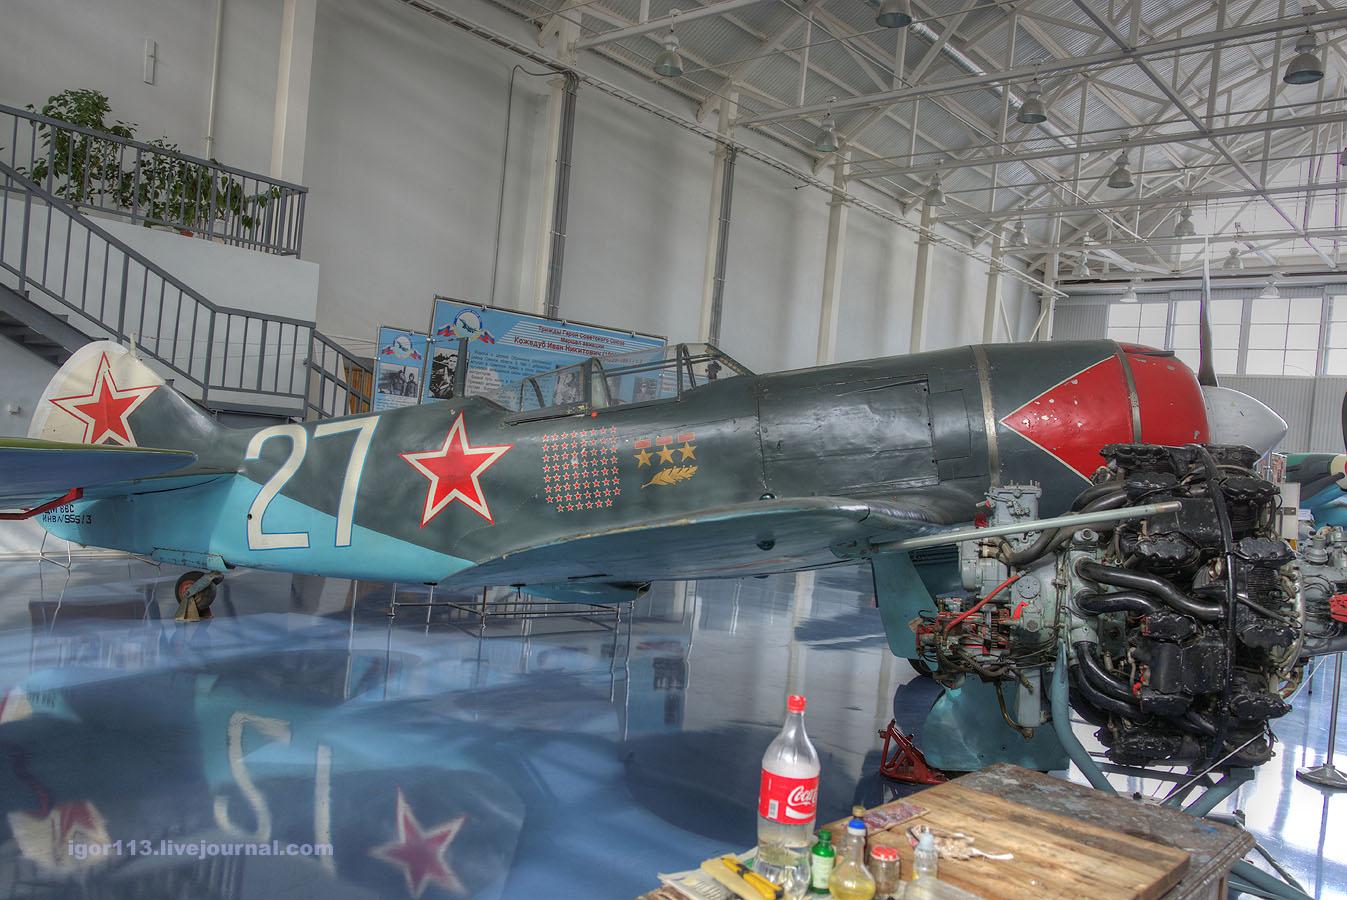 igor113 - Музей ВВС монино.Зал ВОВ ч.9: Ла-7